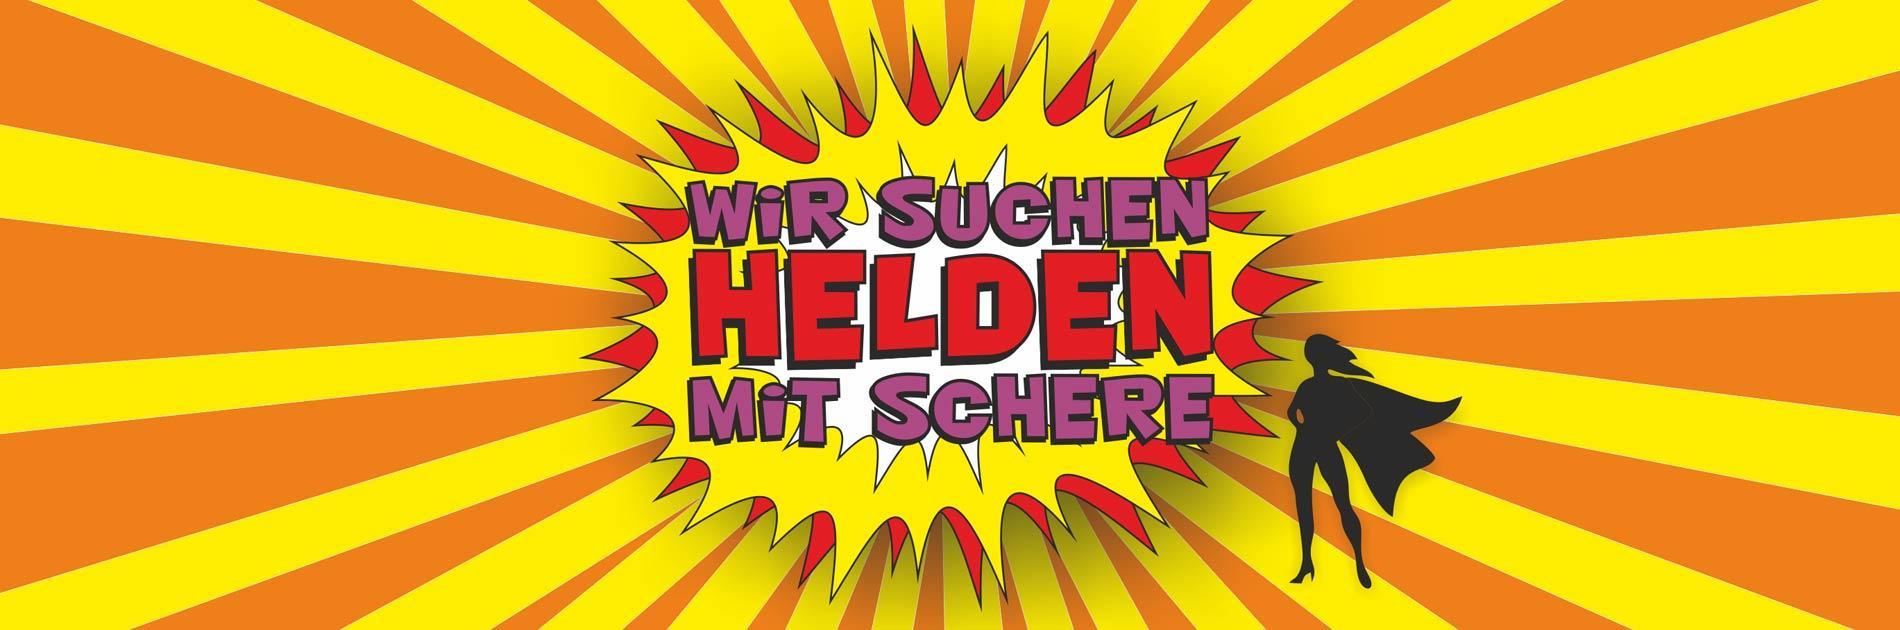 Wir suchen Helden mit Schere - Birgit Gmeiner in Bad Ischl